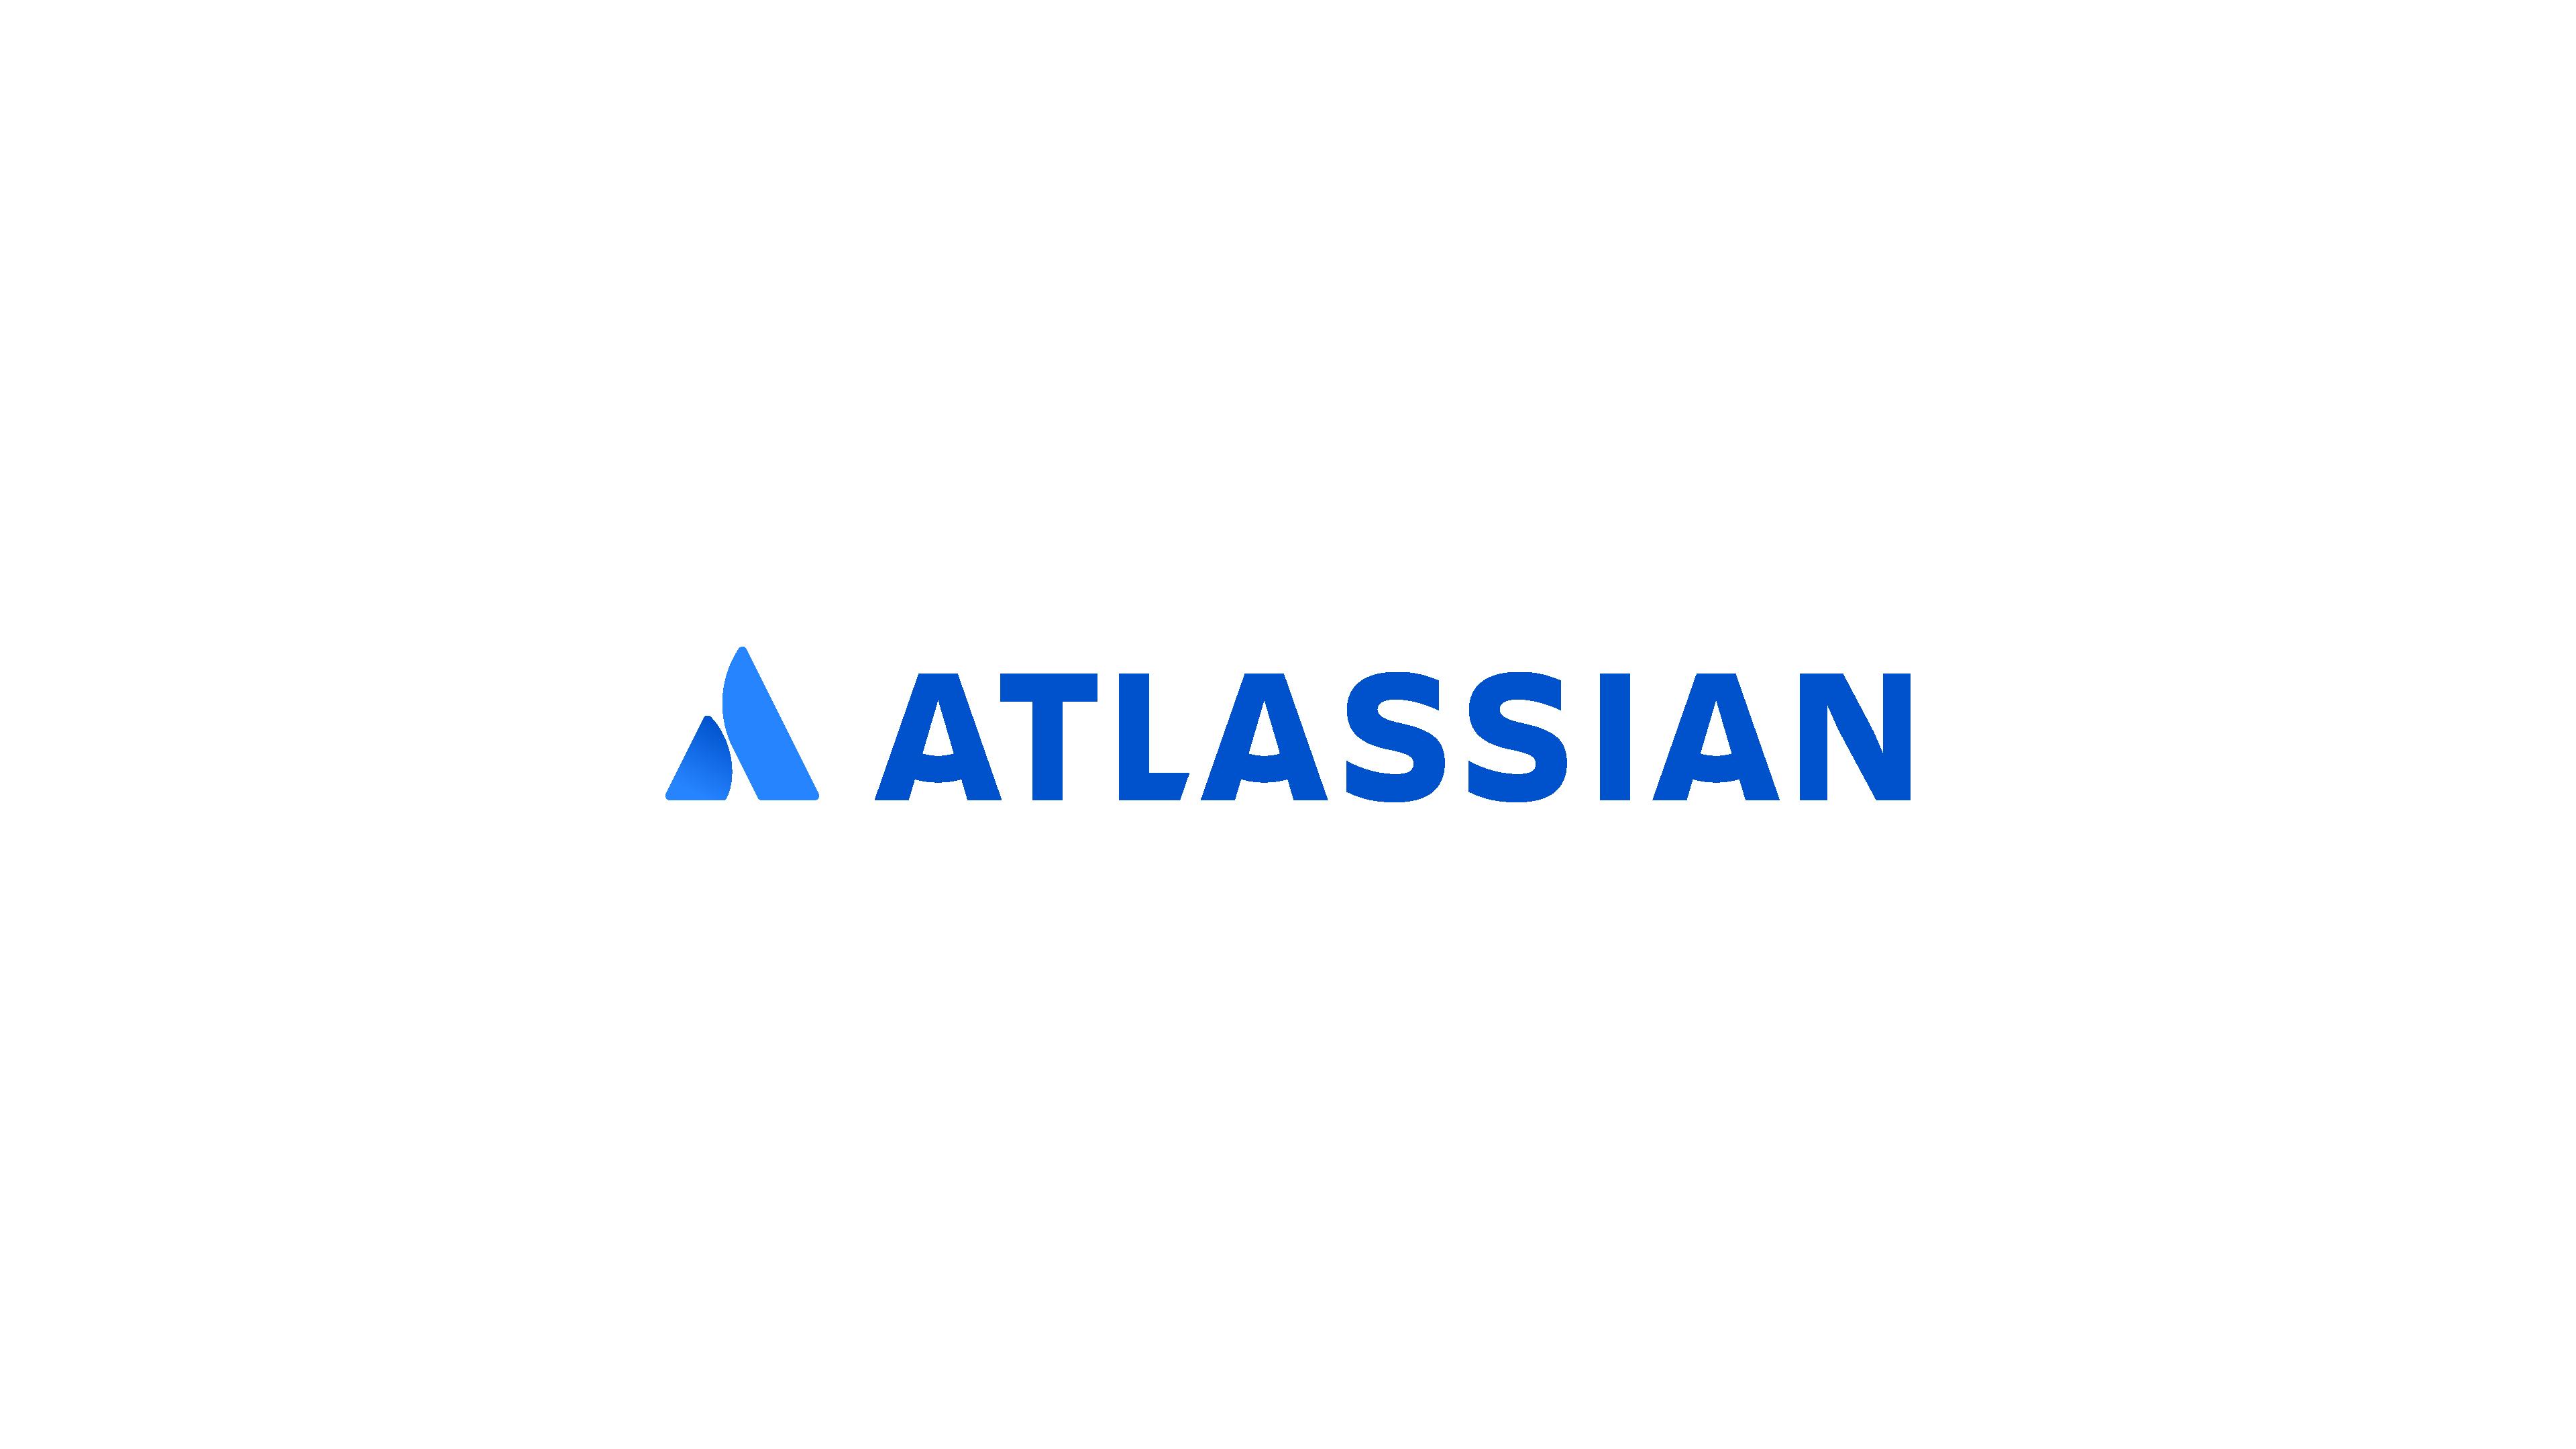 Atlassian blue logo